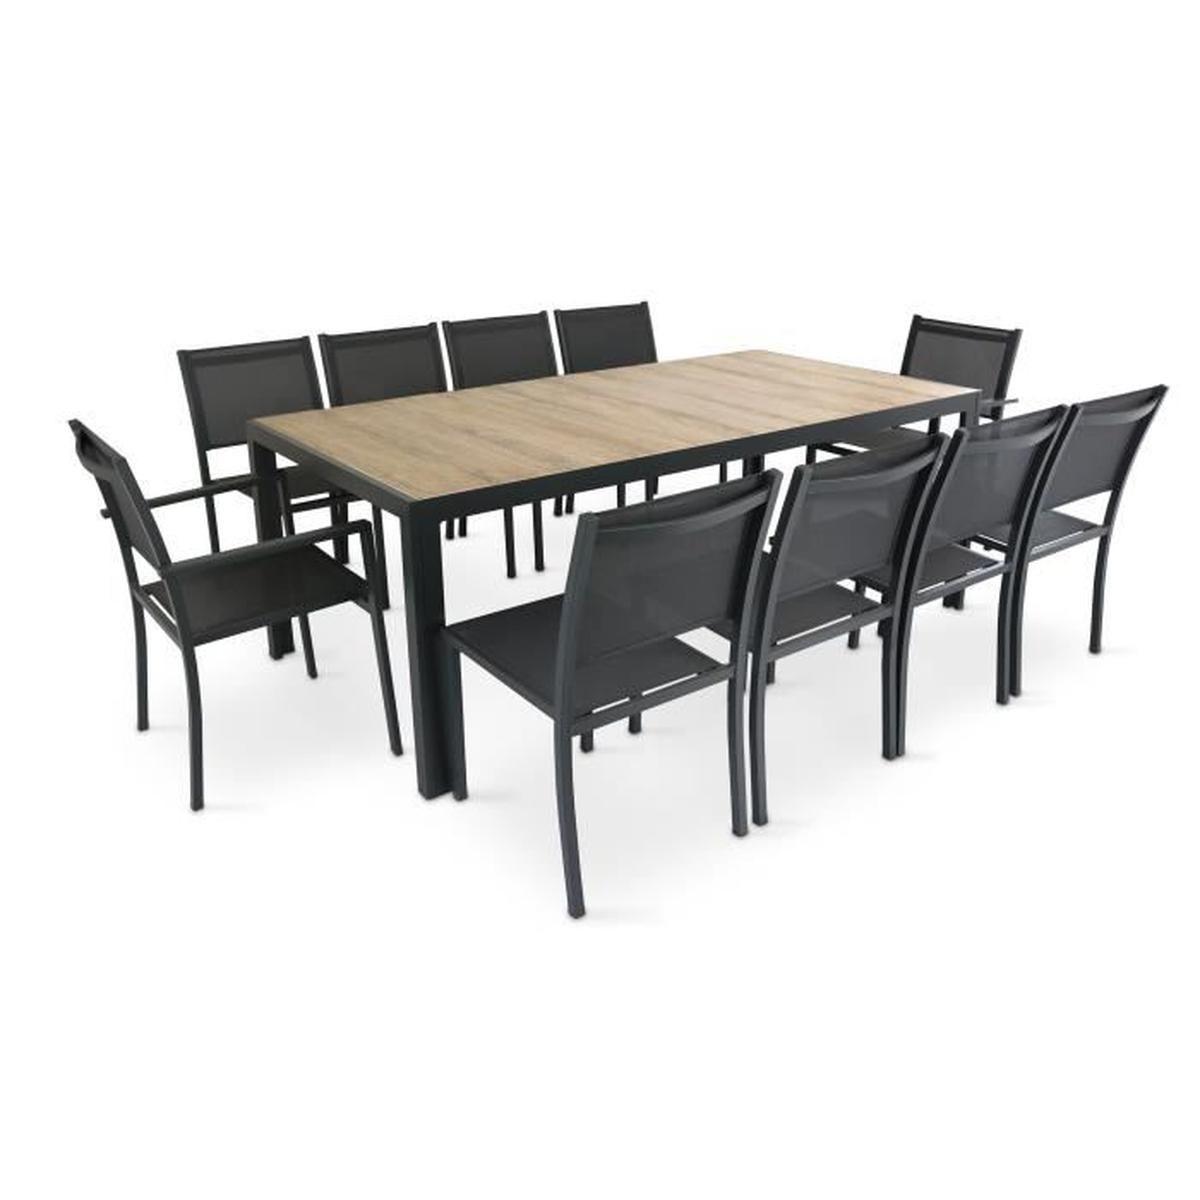 Table De Jardin 10 Places Aluminium Et Céramique - Ensemble ... destiné Salon De Jardin Vente Unique